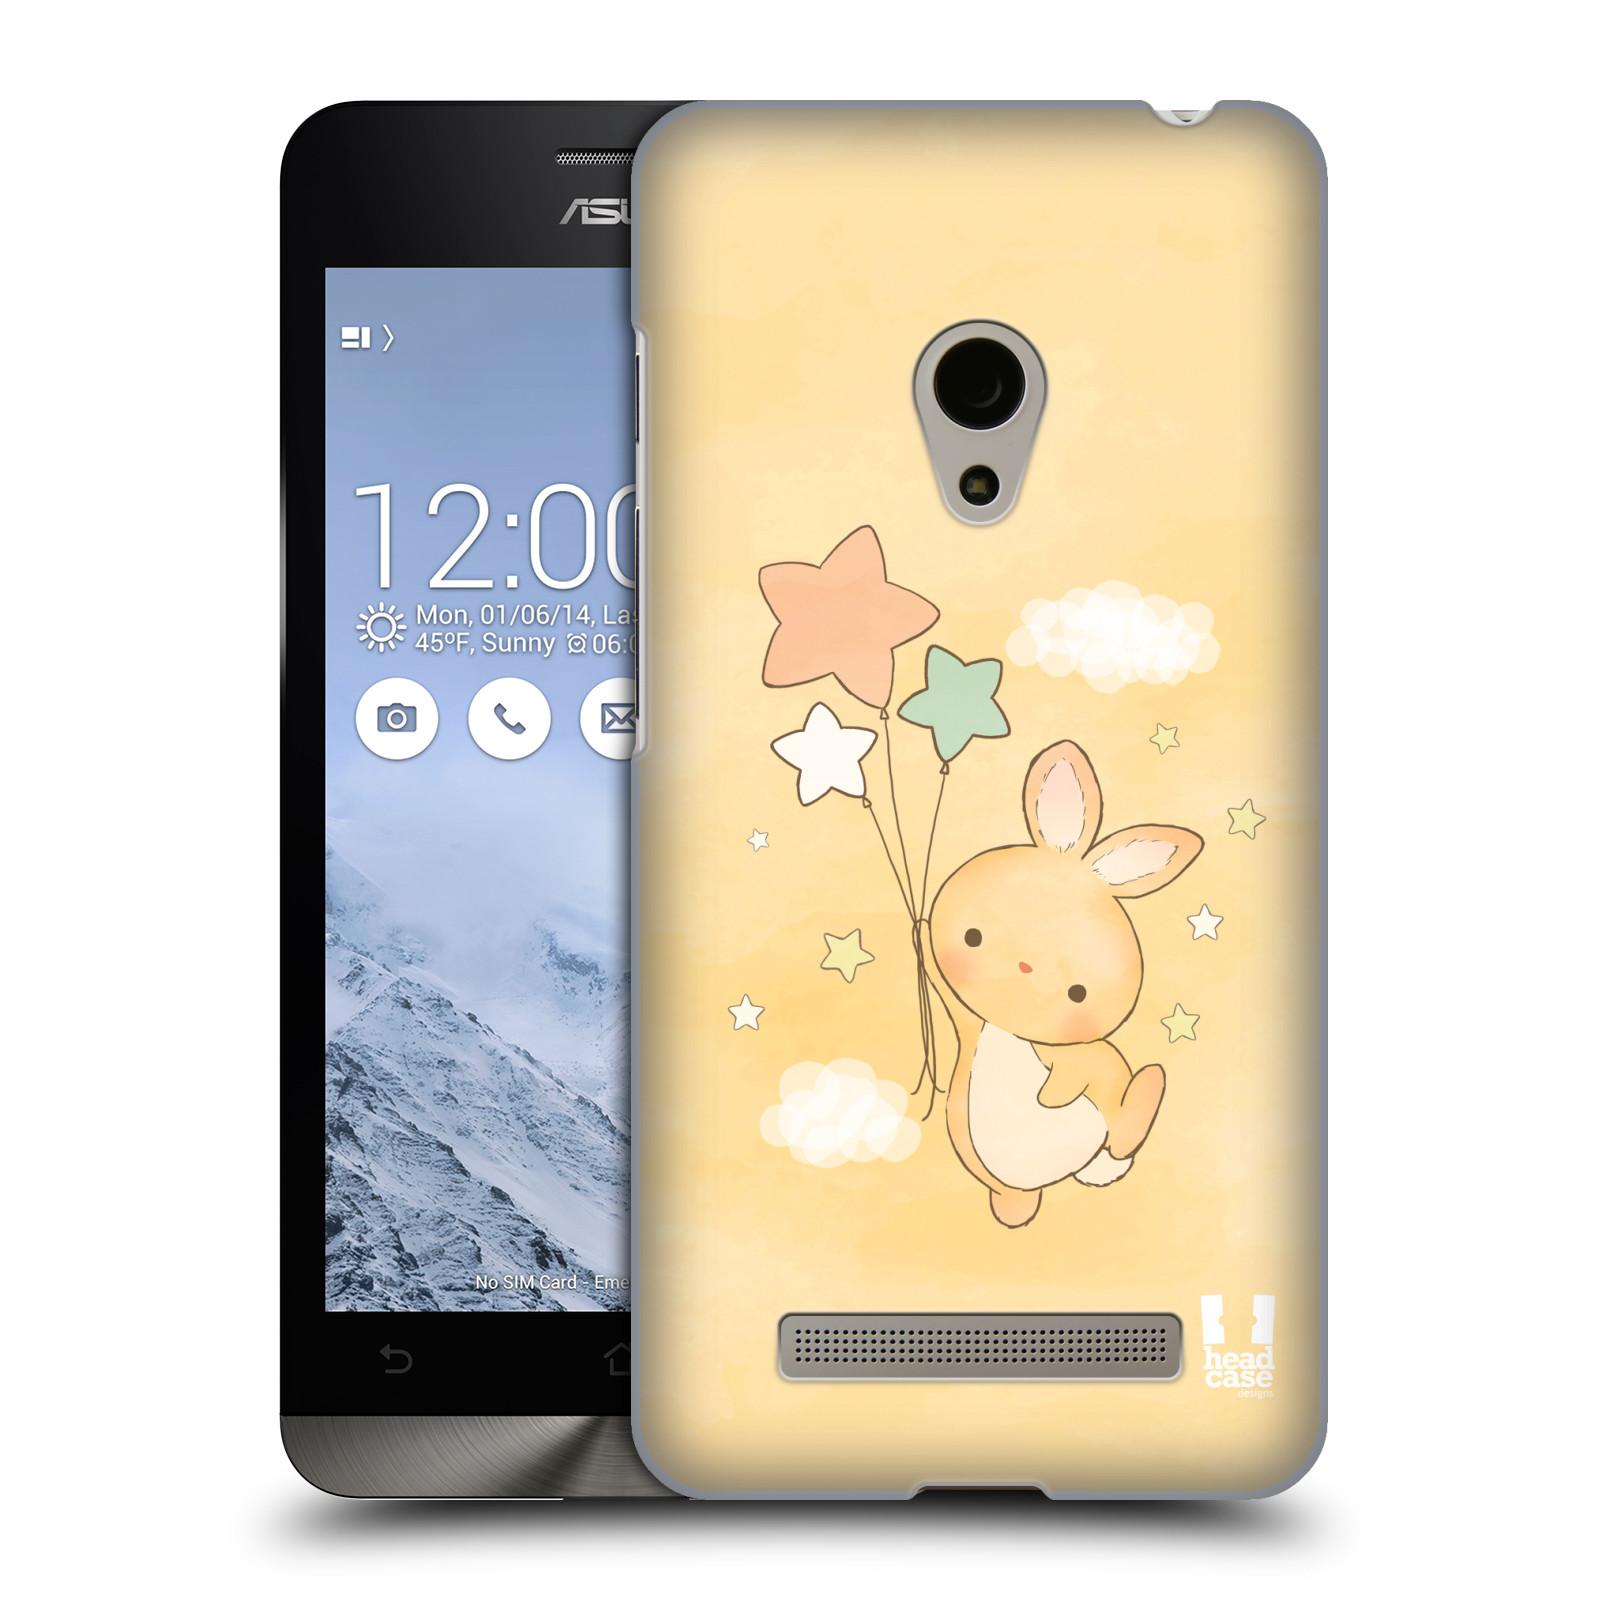 HEAD CASE plastový obal na mobil Asus Zenfone 5 vzor králíček a hvězdy žlutá